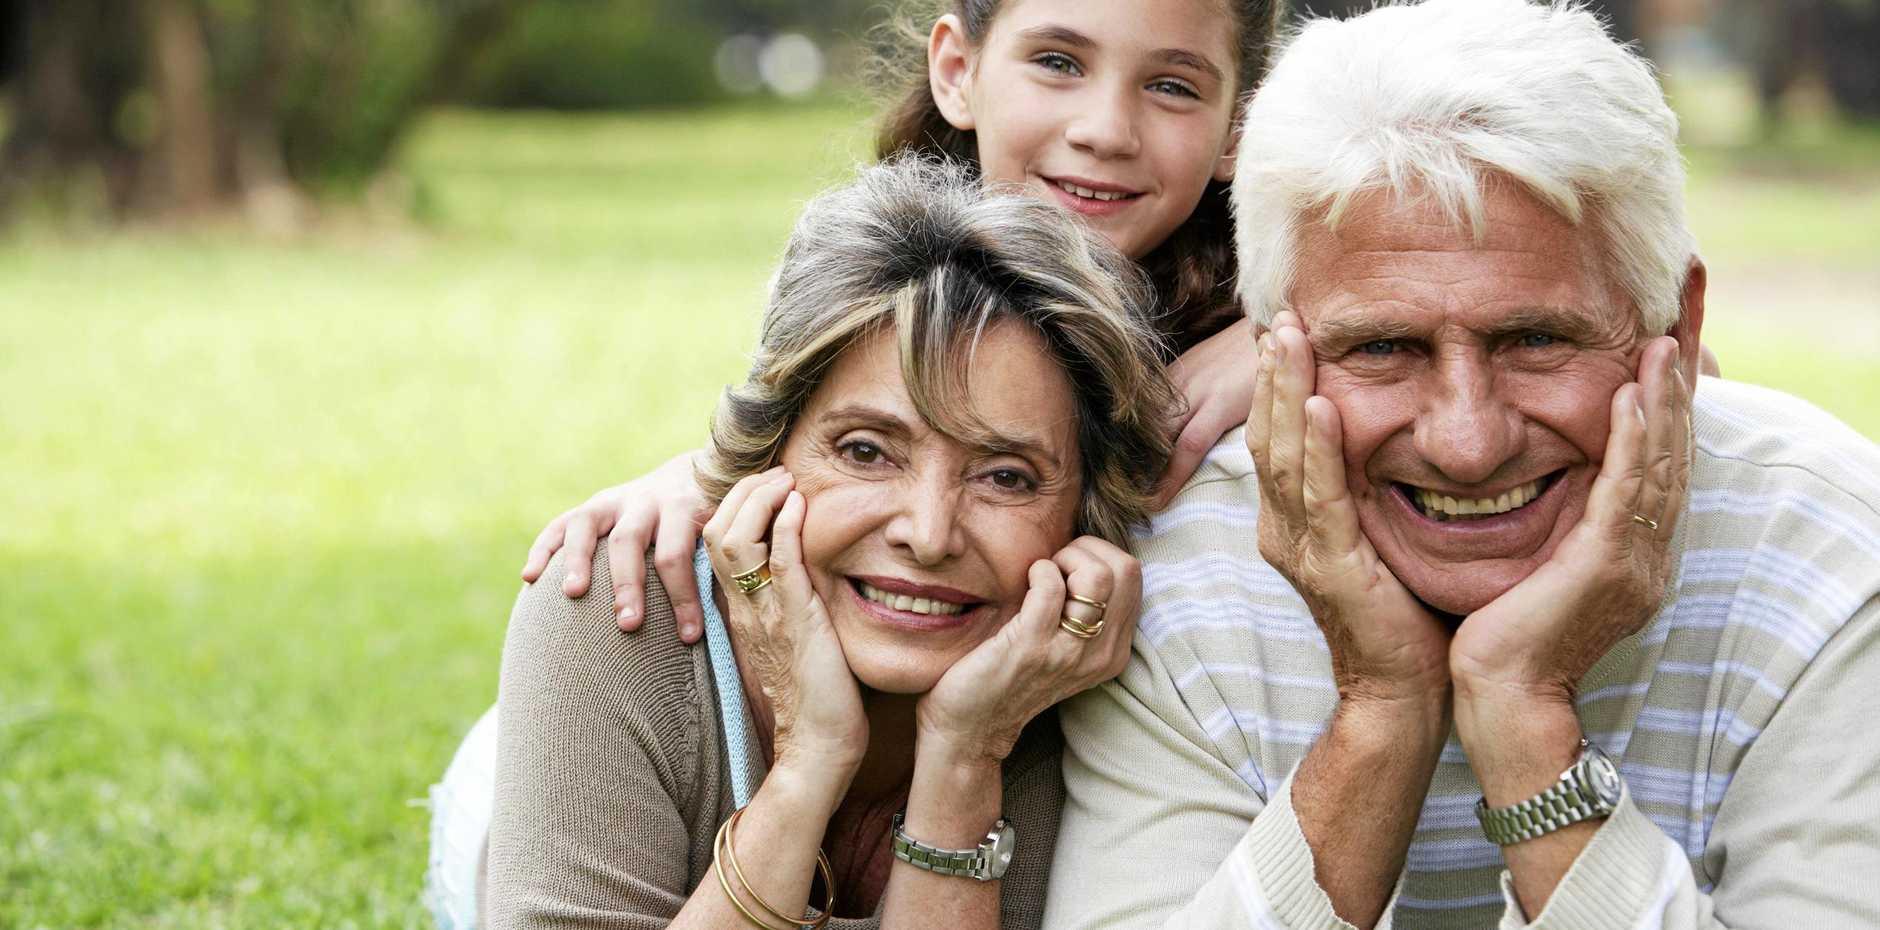 رابطه فرزند با پدربزرگ و مادربزرگ